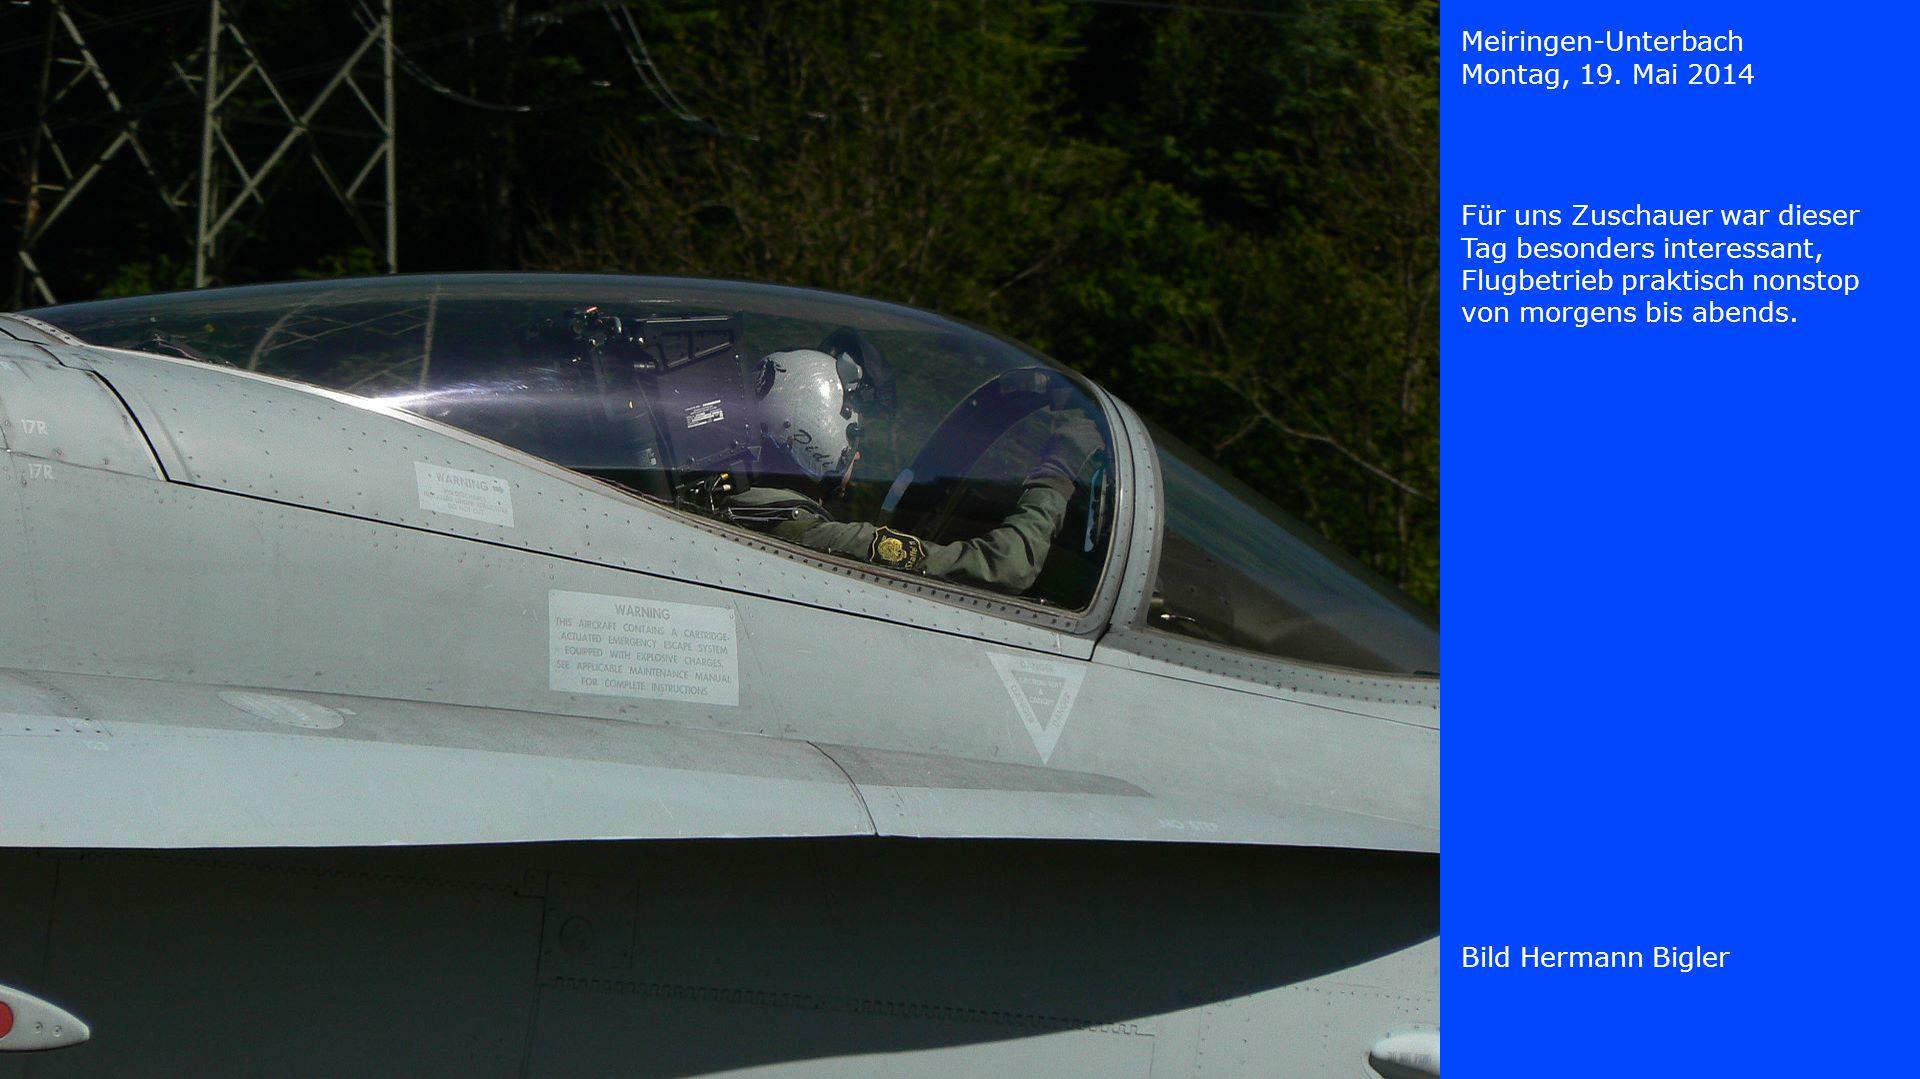 Meiringen-Unterbach Montag, 19. Mai 2014 Bild Hermann Bigler Für uns Zuschauer war dieser Tag besonders interessant, Flugbetrieb praktisch nonstop von